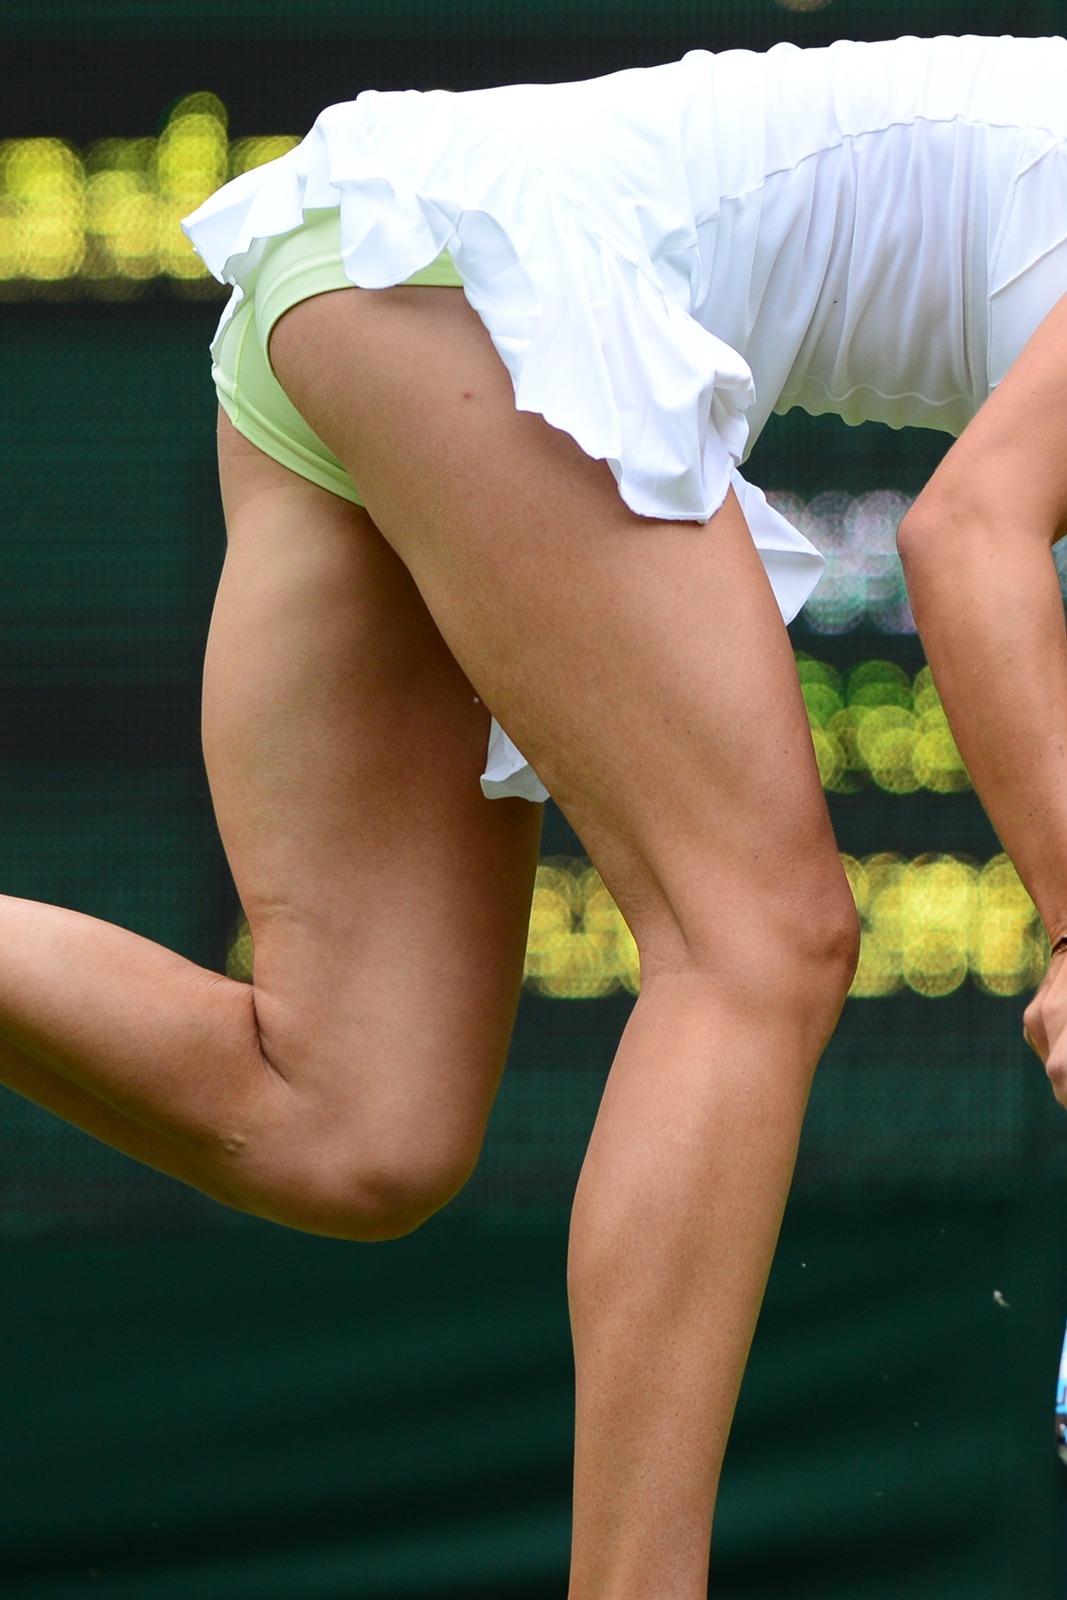 tennis girl skirt pussy cum